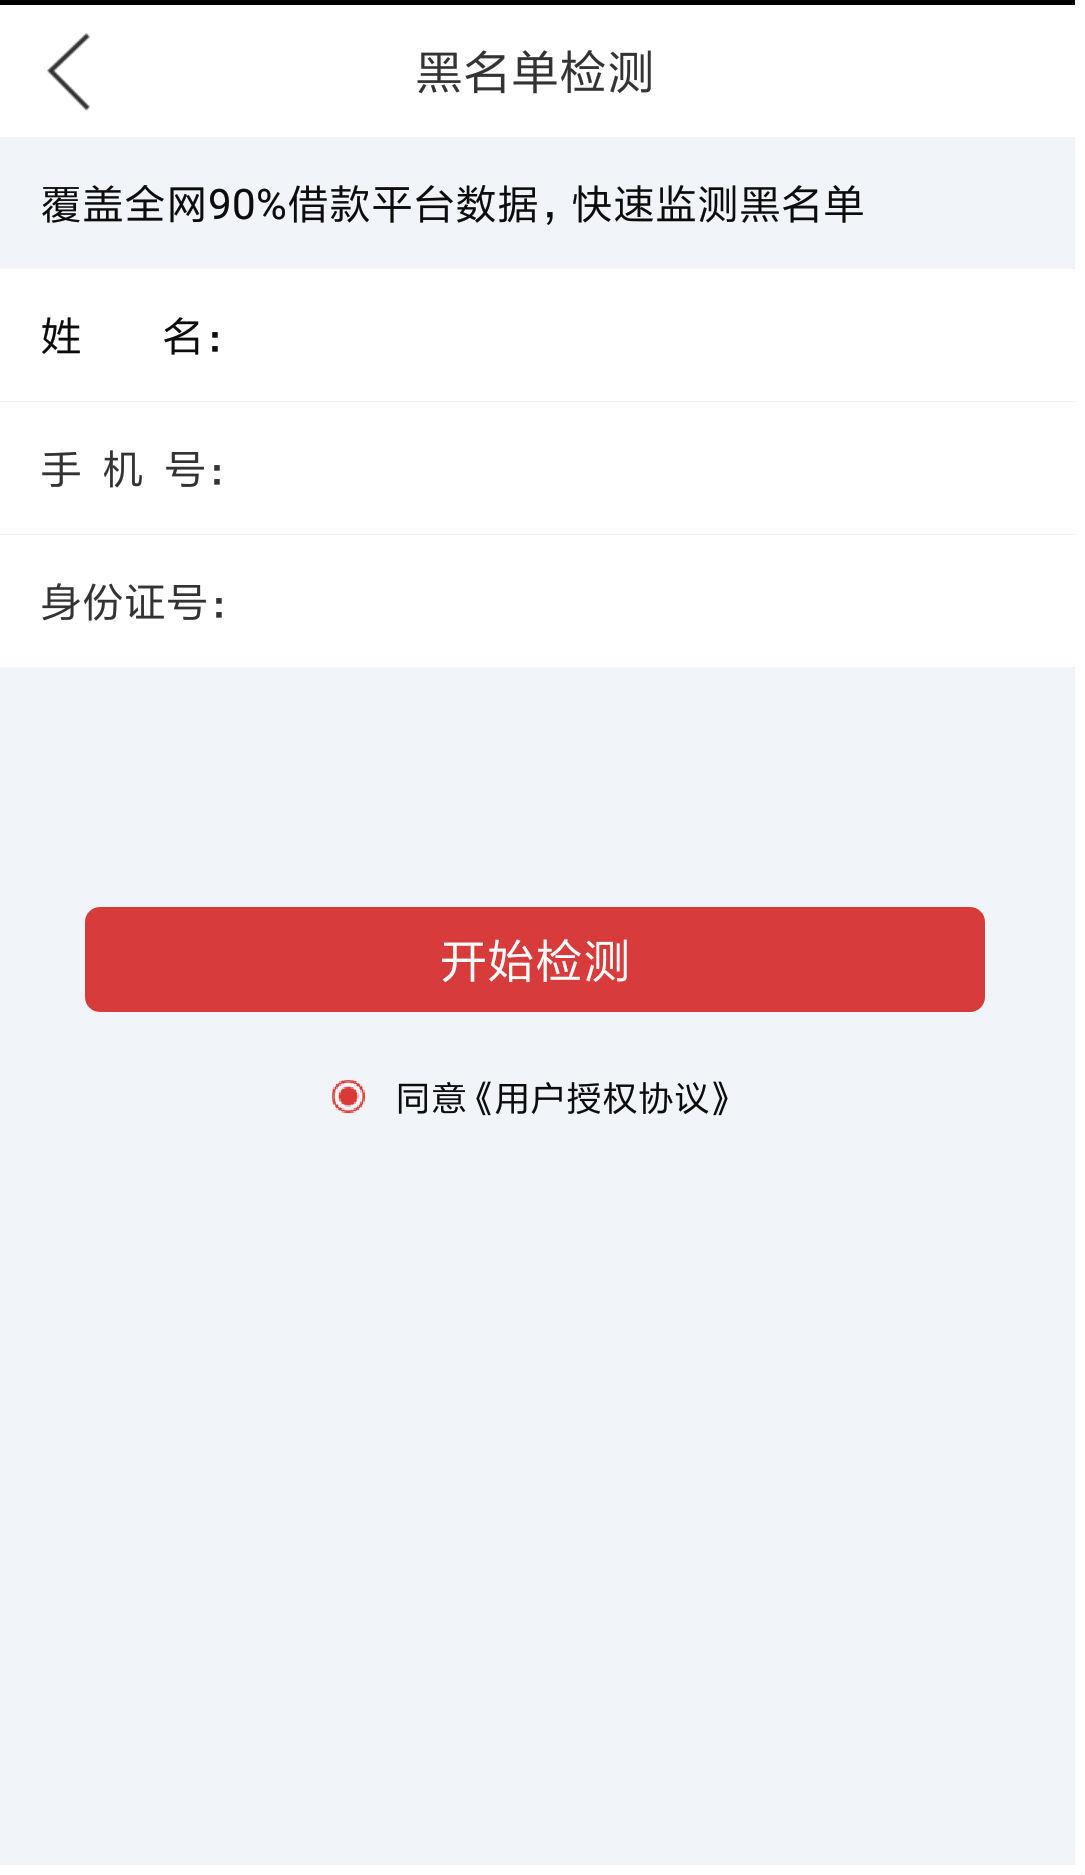 有鱼钱包app官方手机版下载  v1.0.0图1